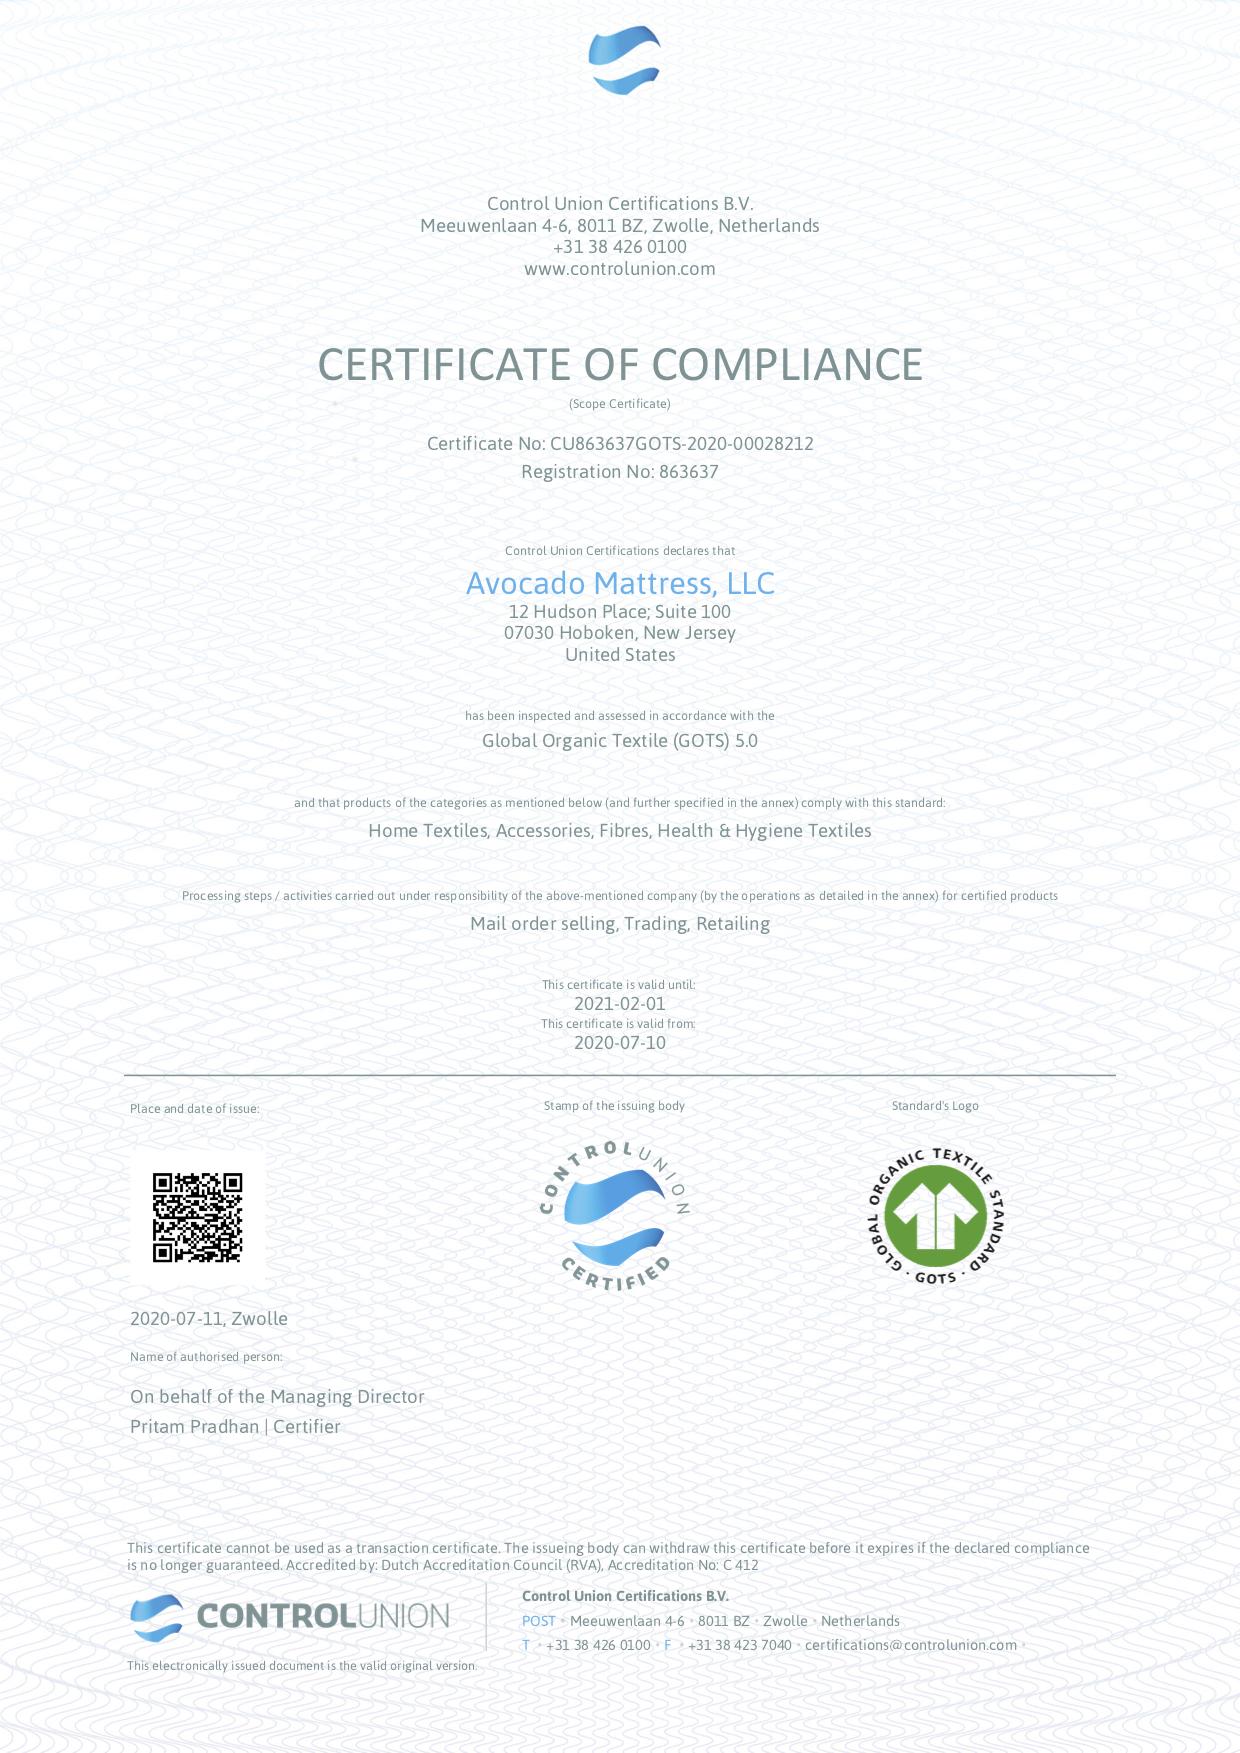 GOTS_Scope_Certificate_2020-07-11_05_29_15_UTC.jpg